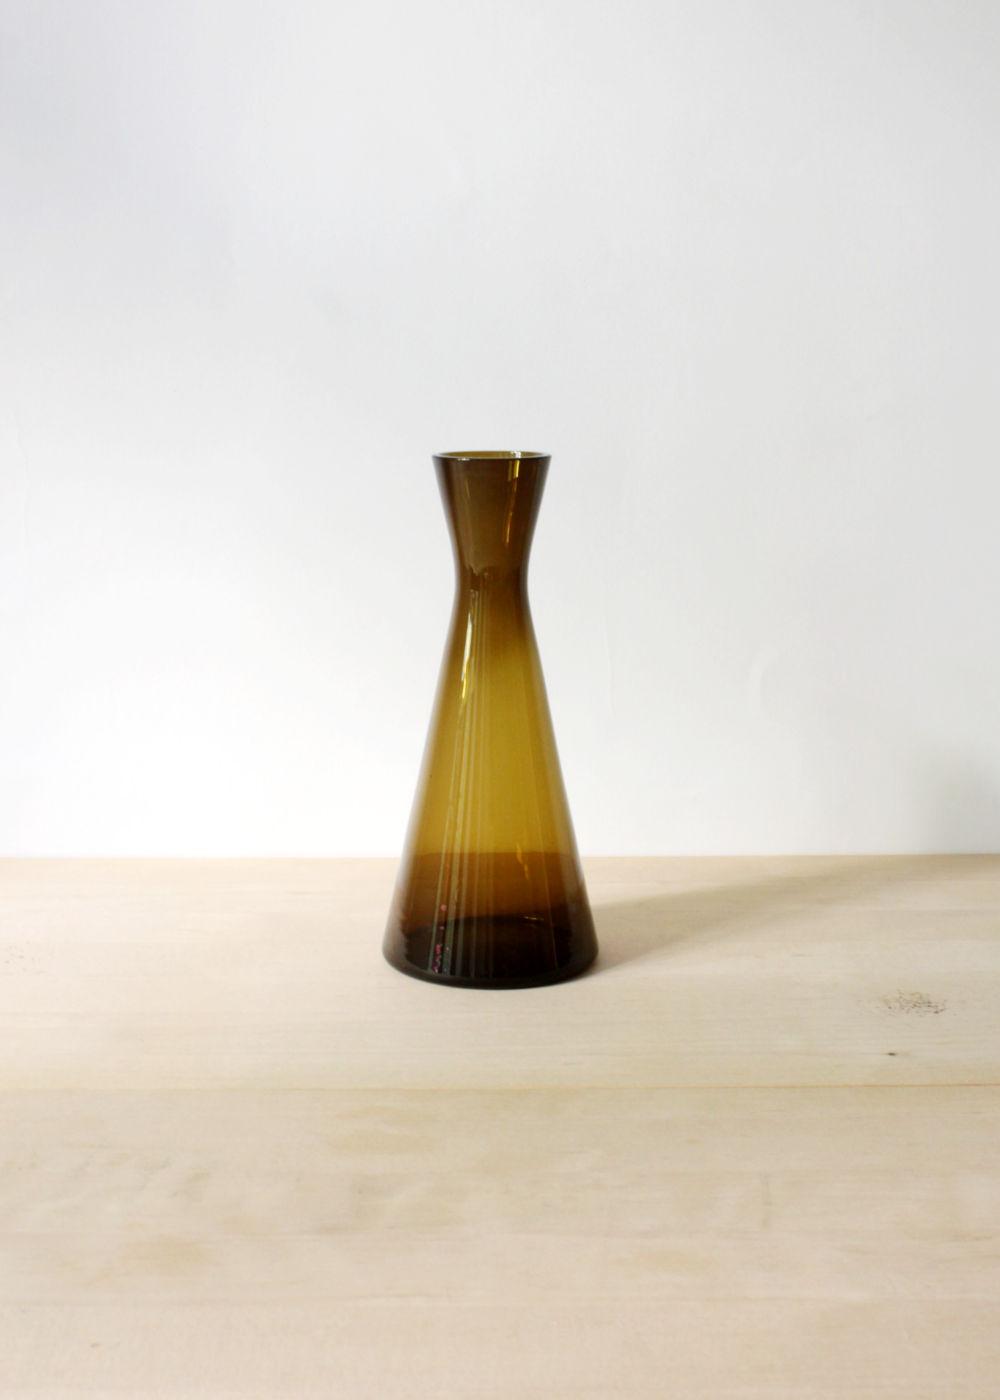 Kaj-Franck-glass-vase-large-brown-01